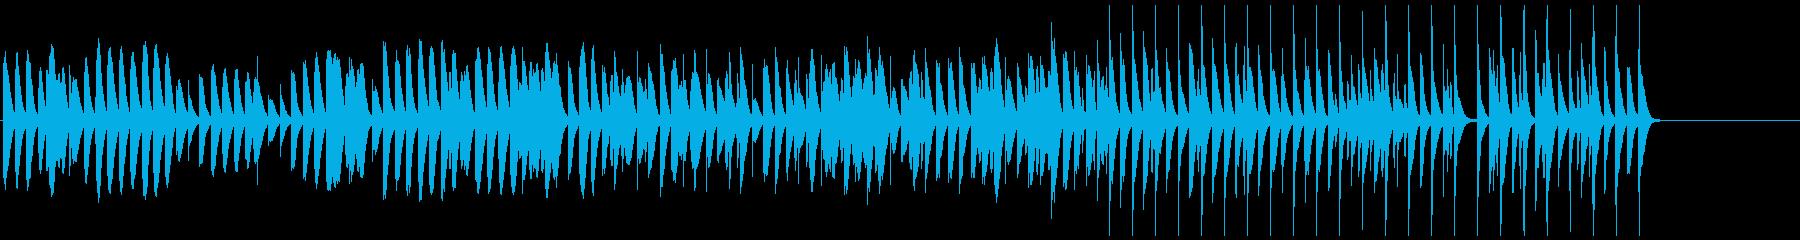 日常をイメージした明るい曲の再生済みの波形